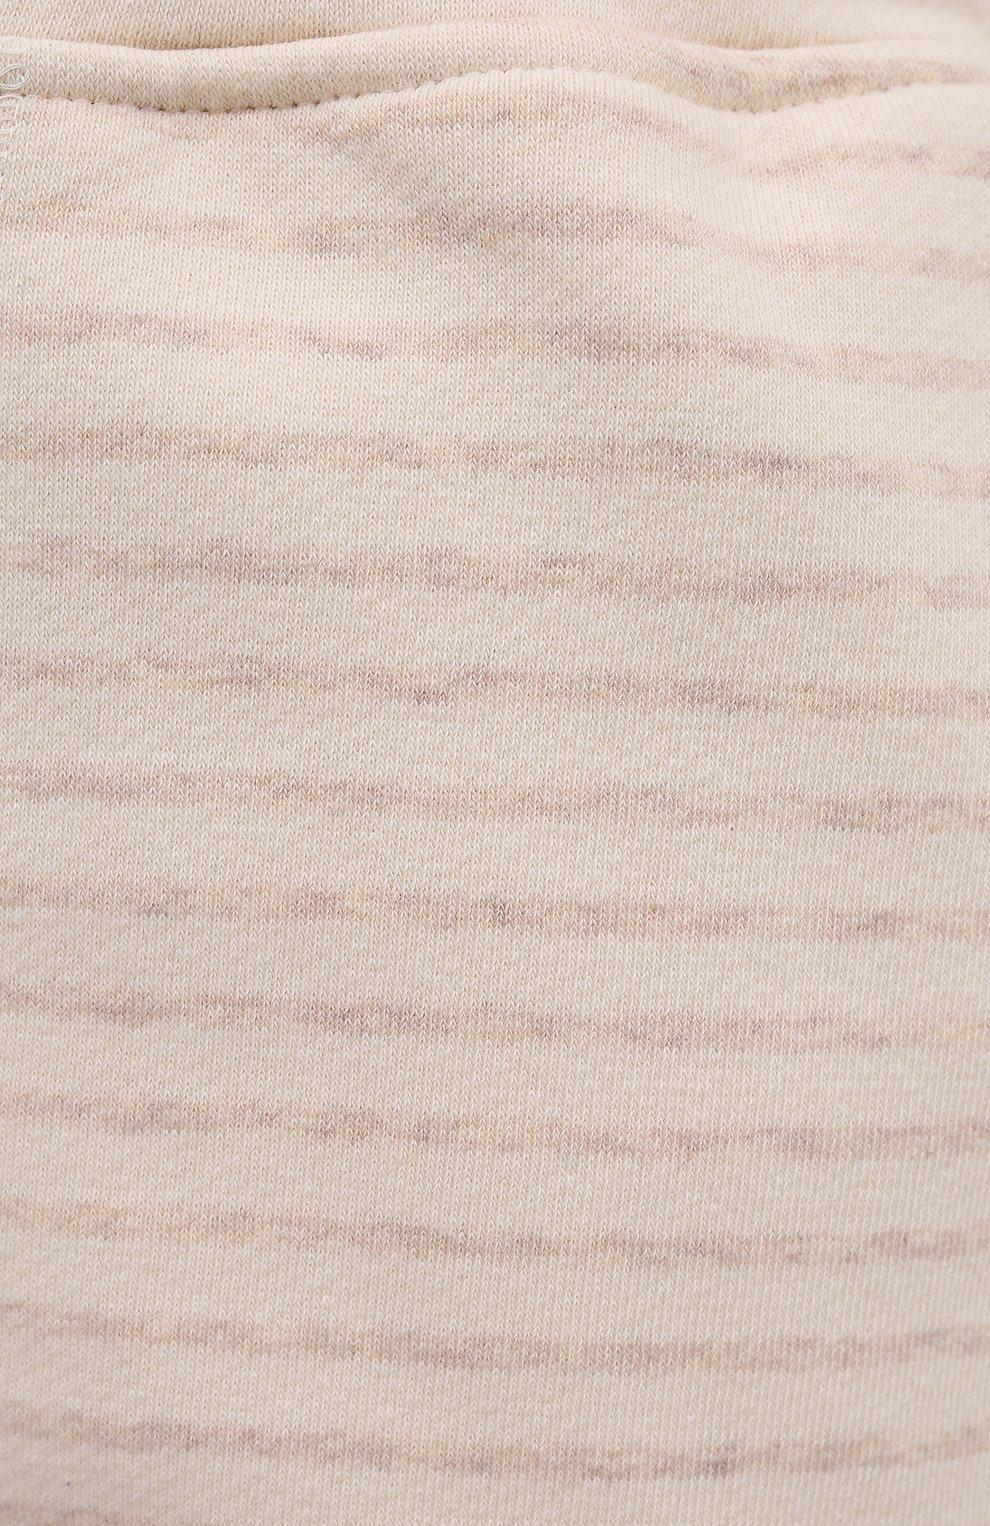 Женские шорты EVA B.BITZER светло-бежевого цвета, арт. 11322845 | Фото 5 (Длина Ж (юбки, платья, шорты): Мини; Женское Кросс-КТ: Домашние шорты; Материал внешний: Хлопок)